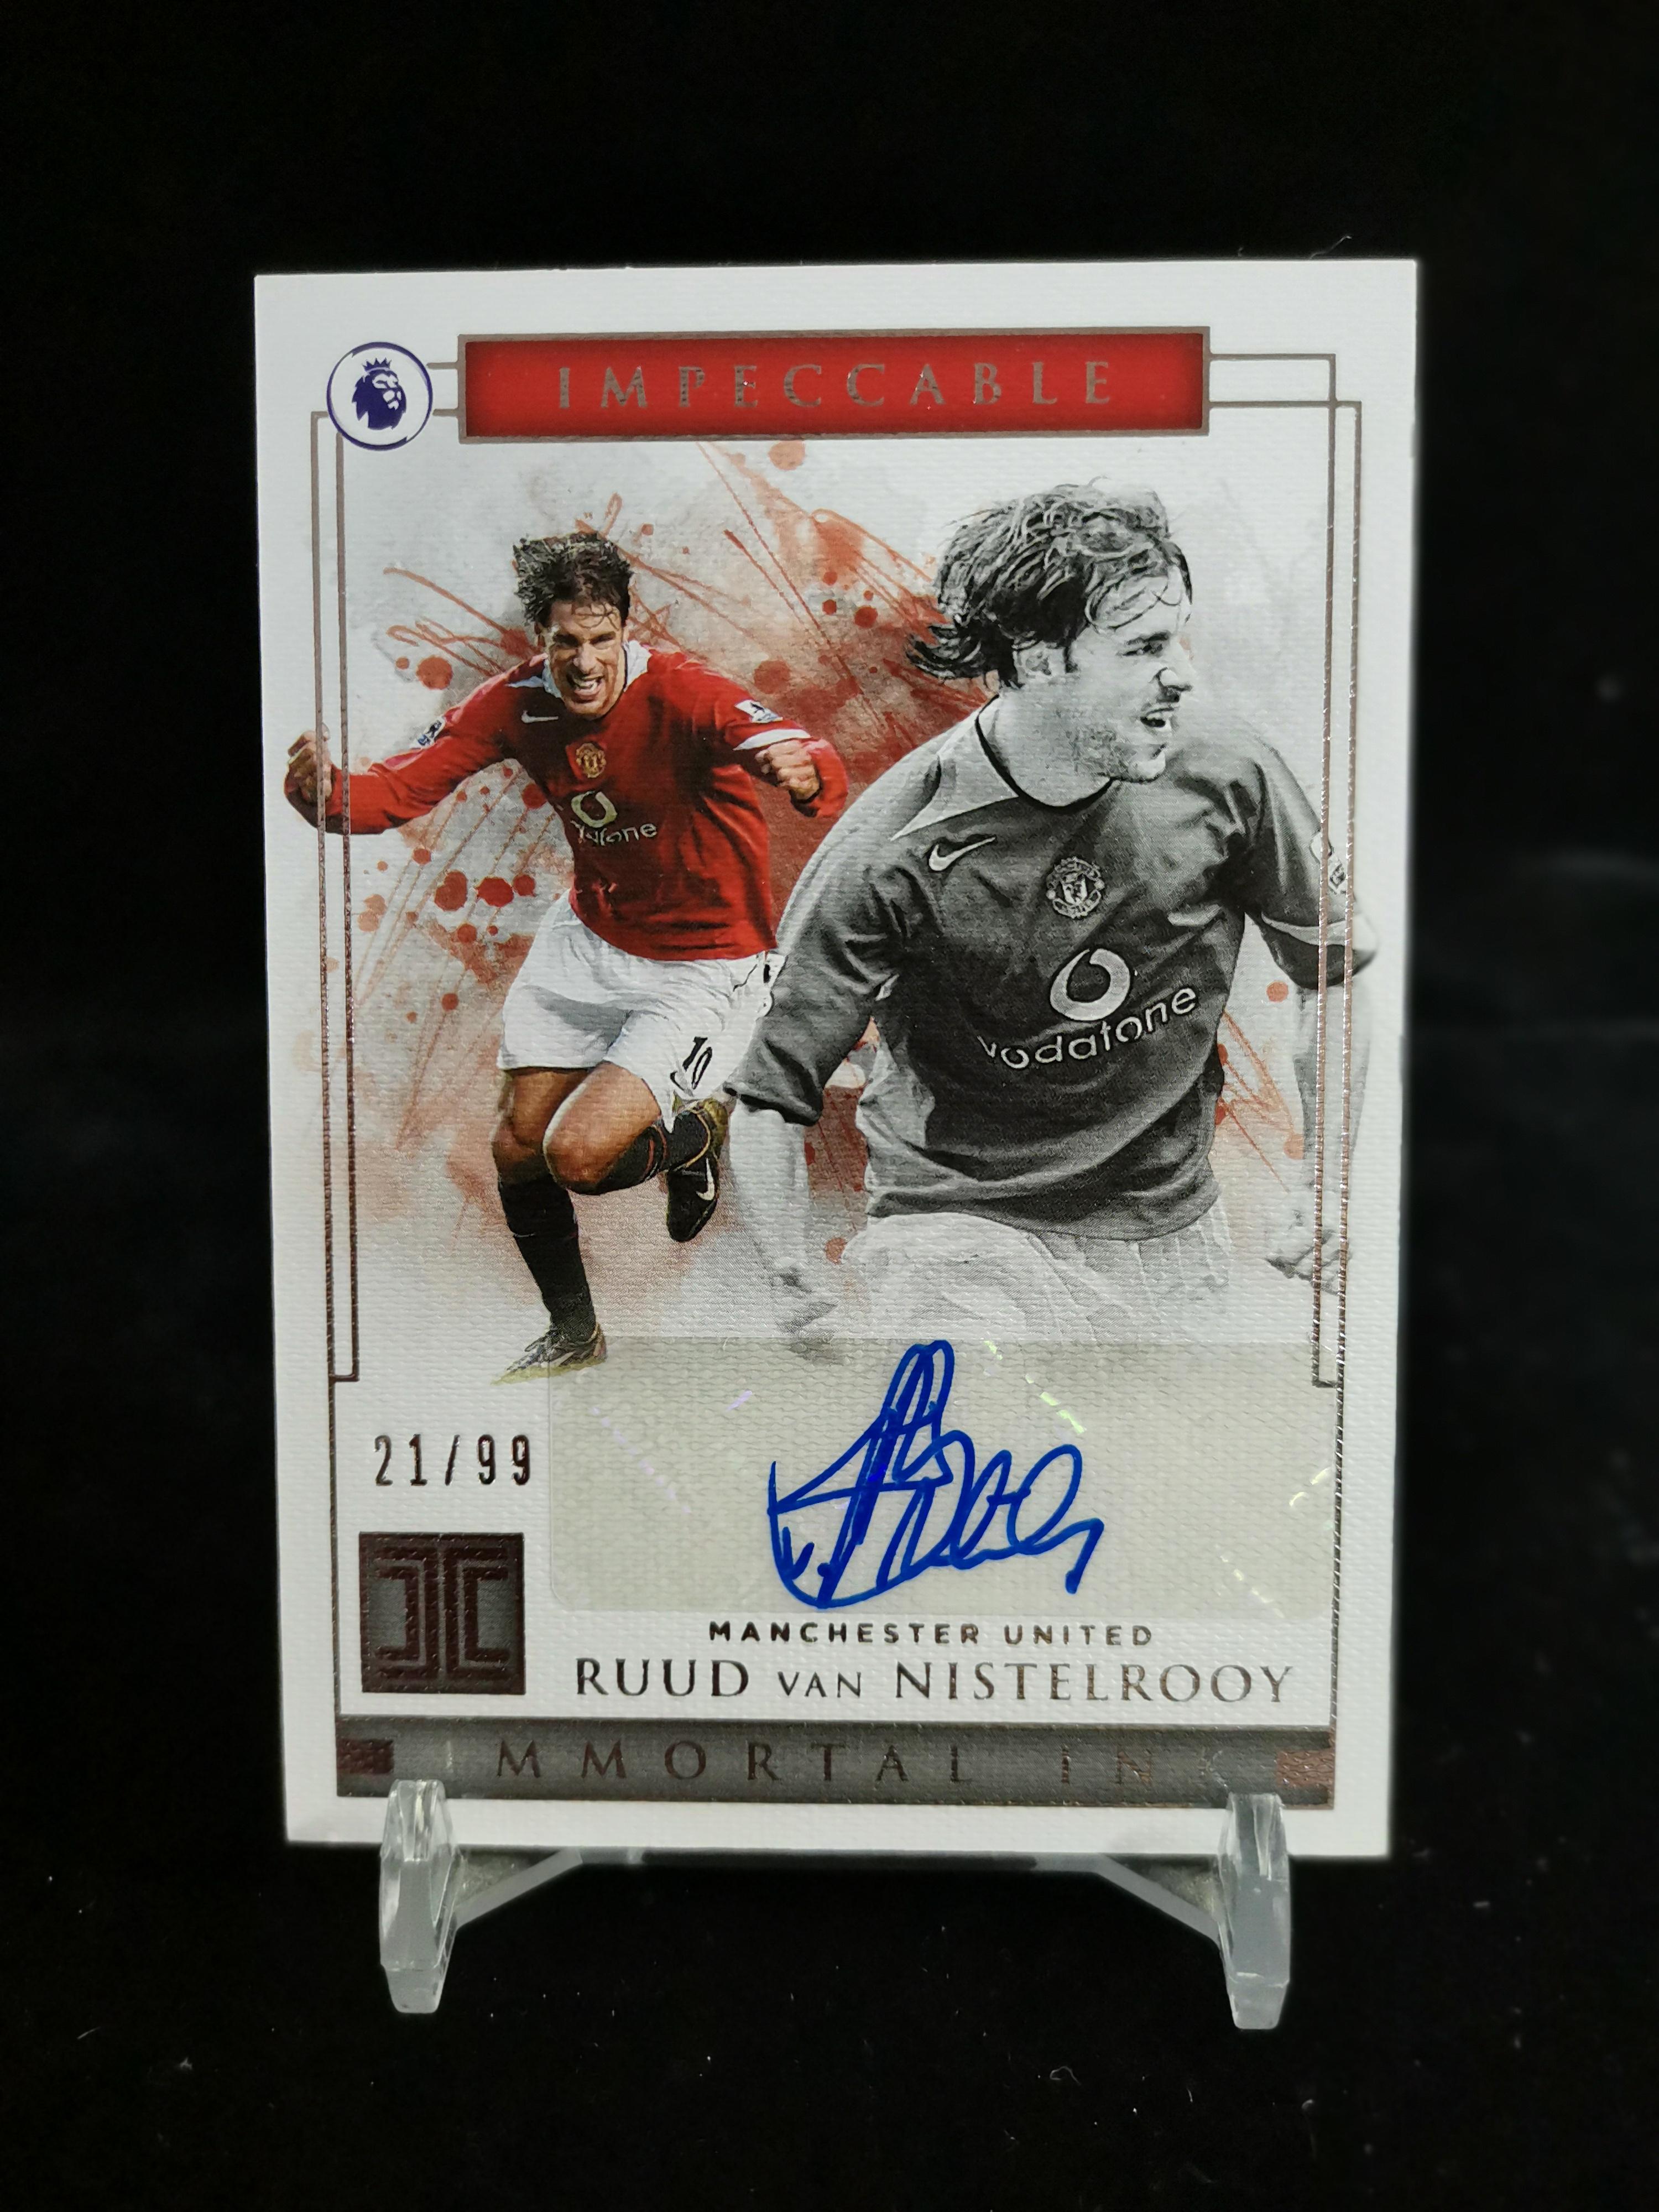 【开心就好】2020 帕尼尼 无瑕(小真金)球星卡 范尼斯特鲁伊 Ruud Van Nistelrooy 曼联 不朽墨水签字卡 21/99编 签字卡